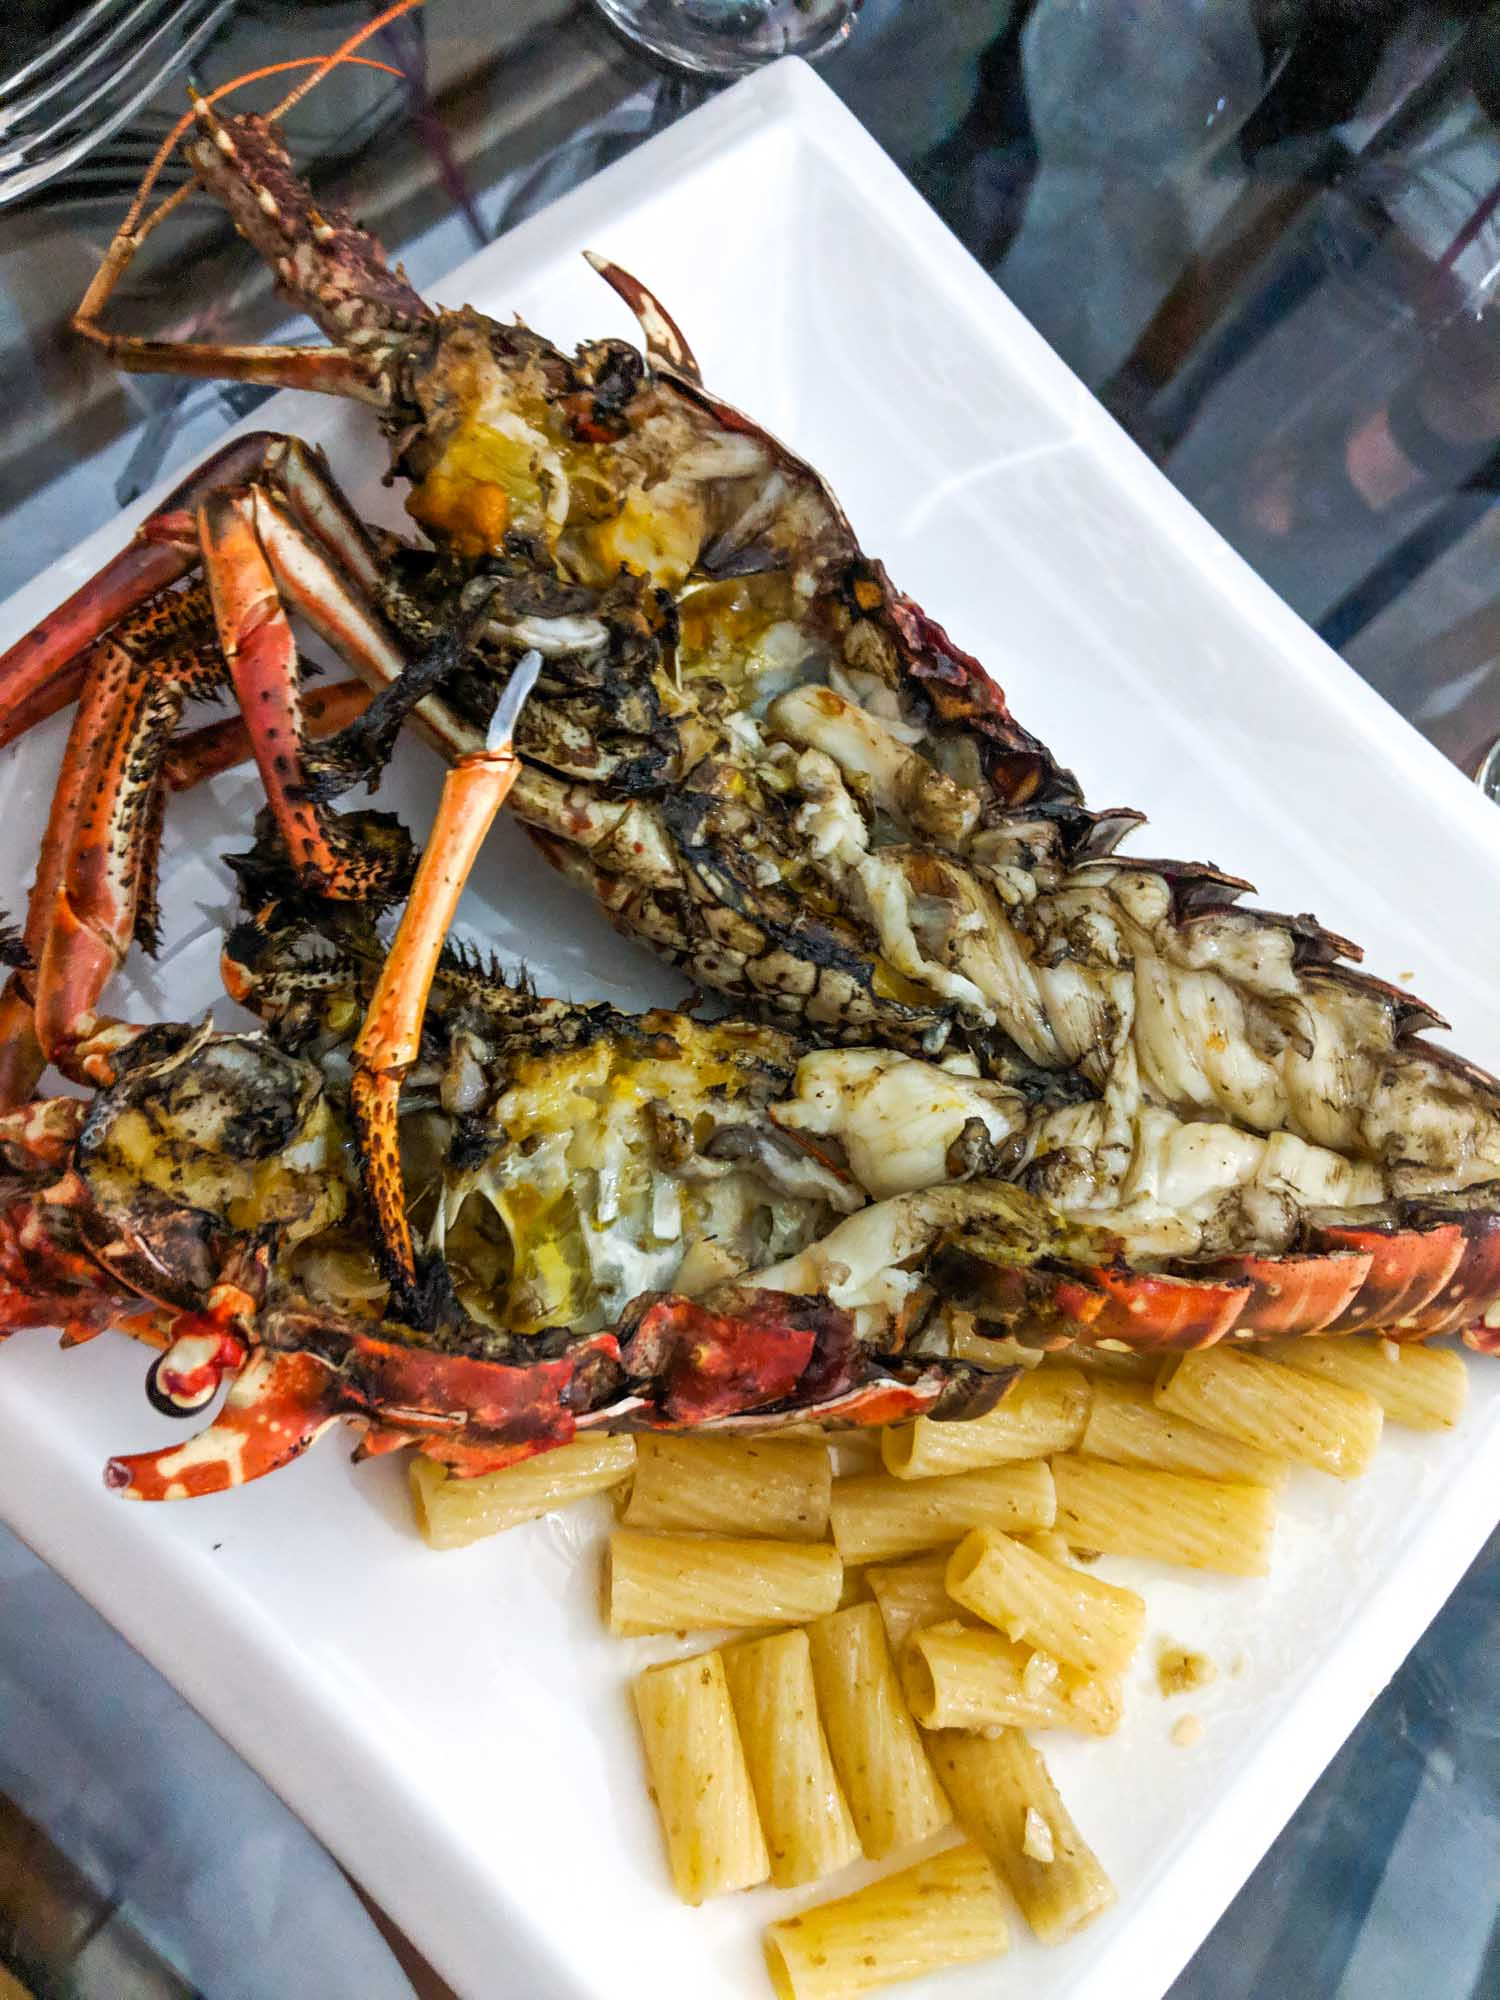 Caribbean lobster served in Varadero Cuba